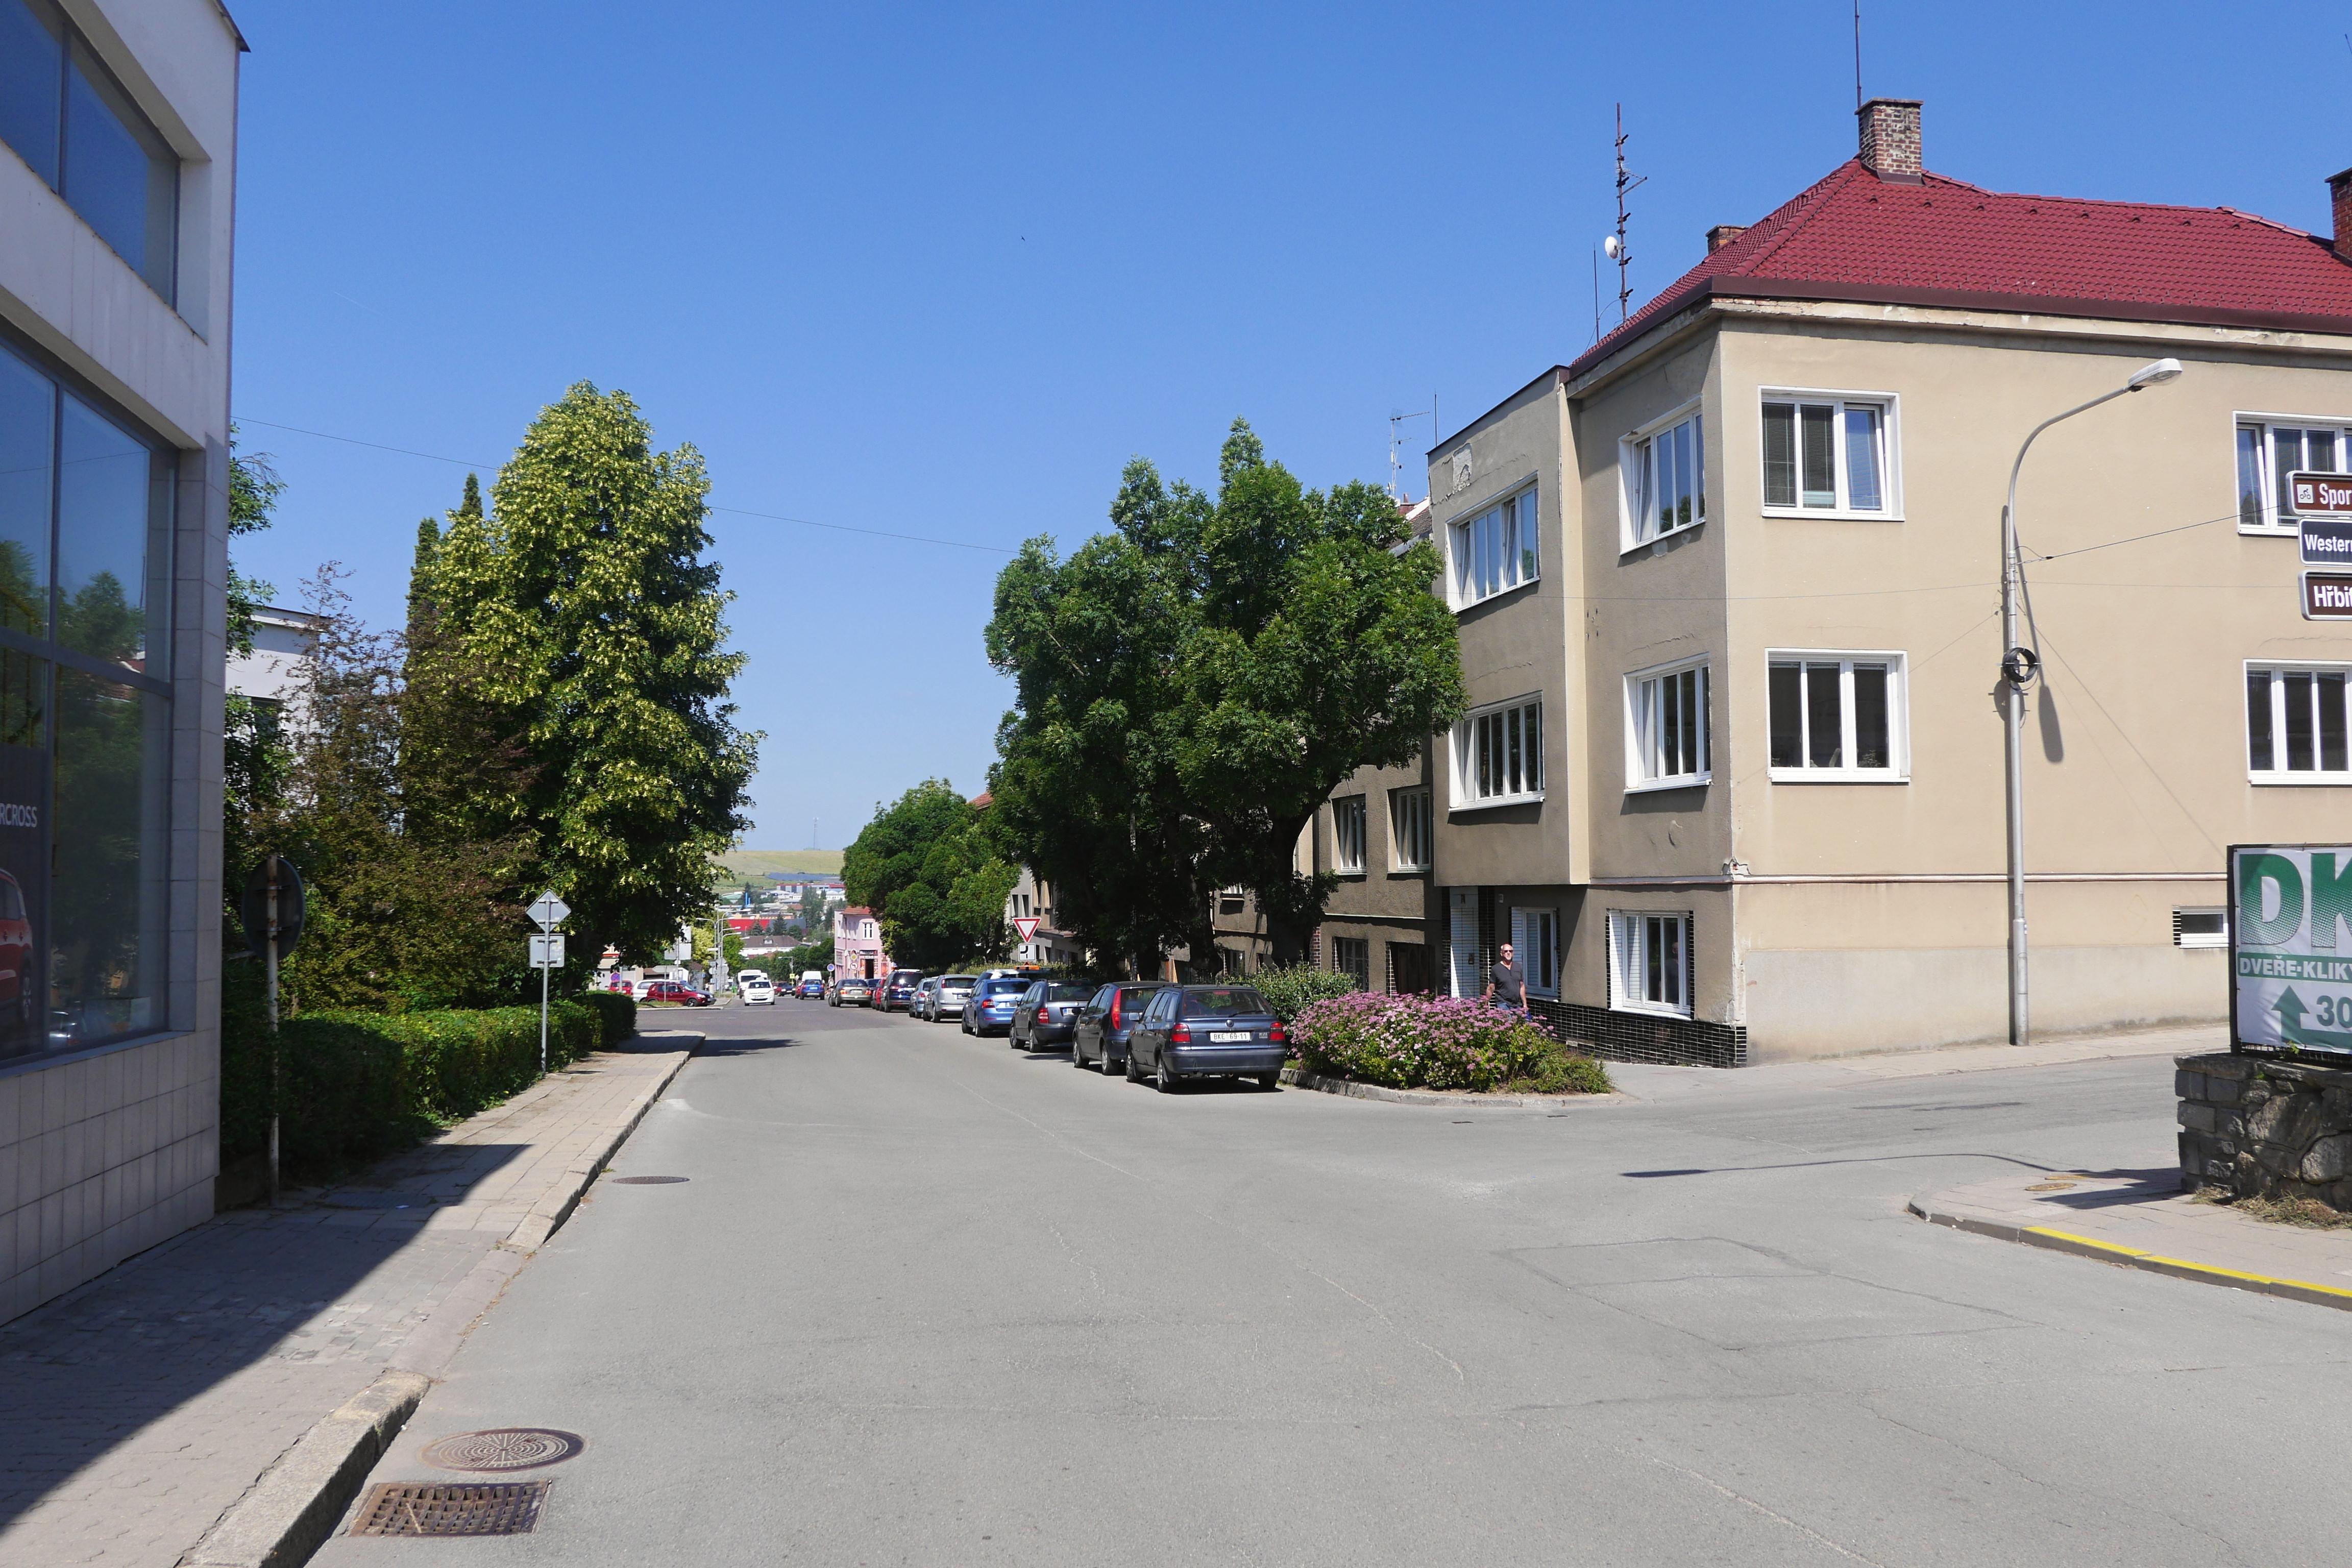 Křižovatka ulic Hybešova a Svatopluka Čecha